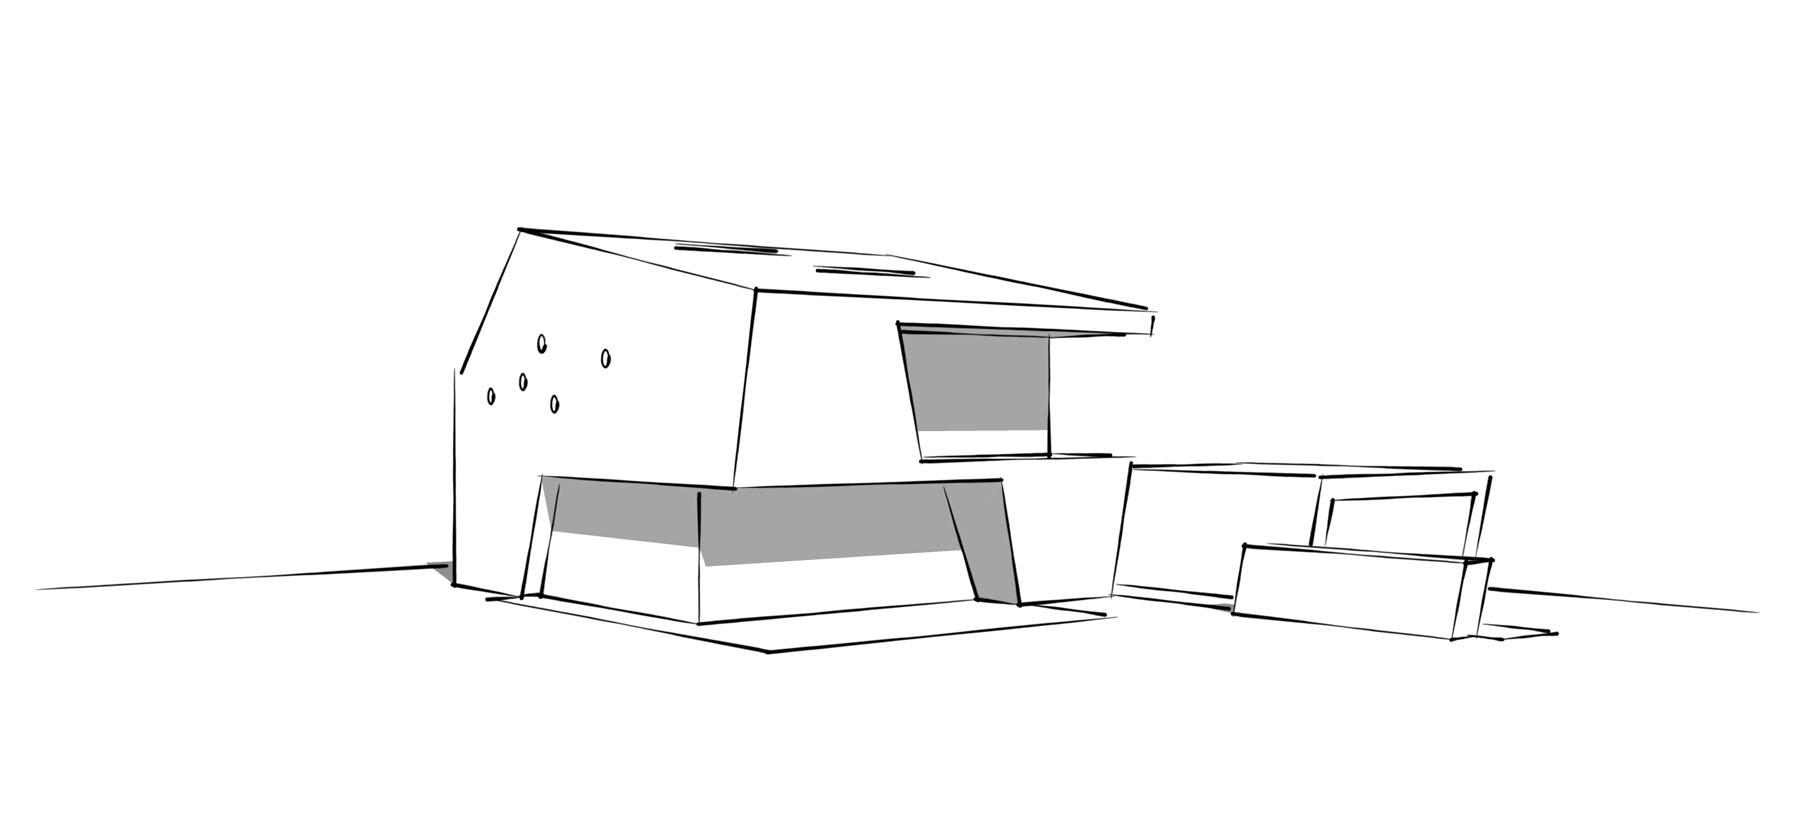 Wohnhaus Annaweg Skizze